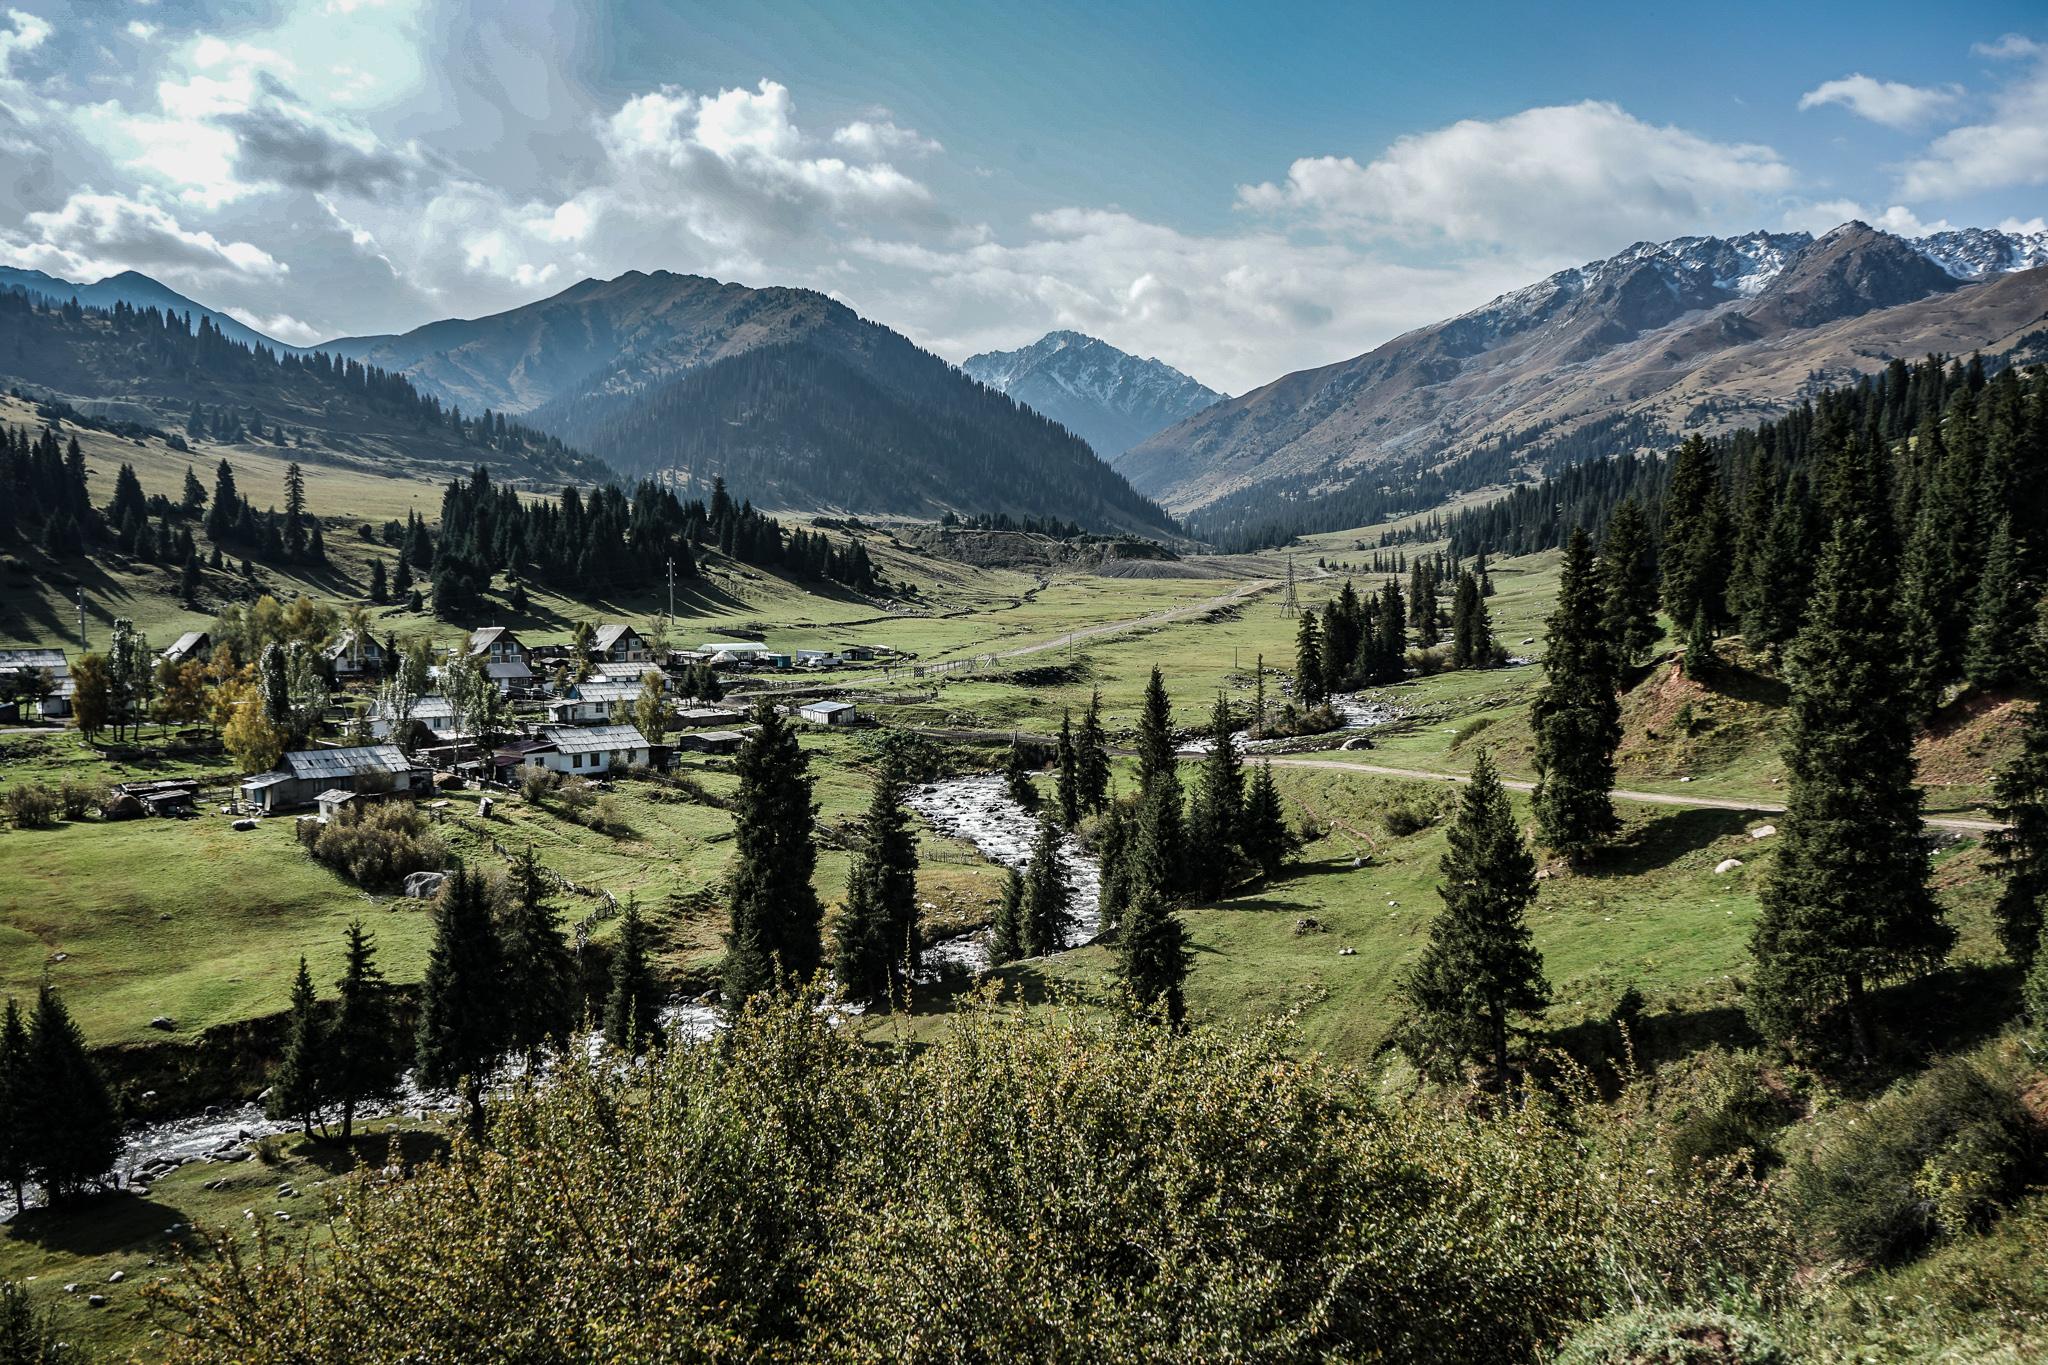 Jyrgalan Valley Kyrgyzstan